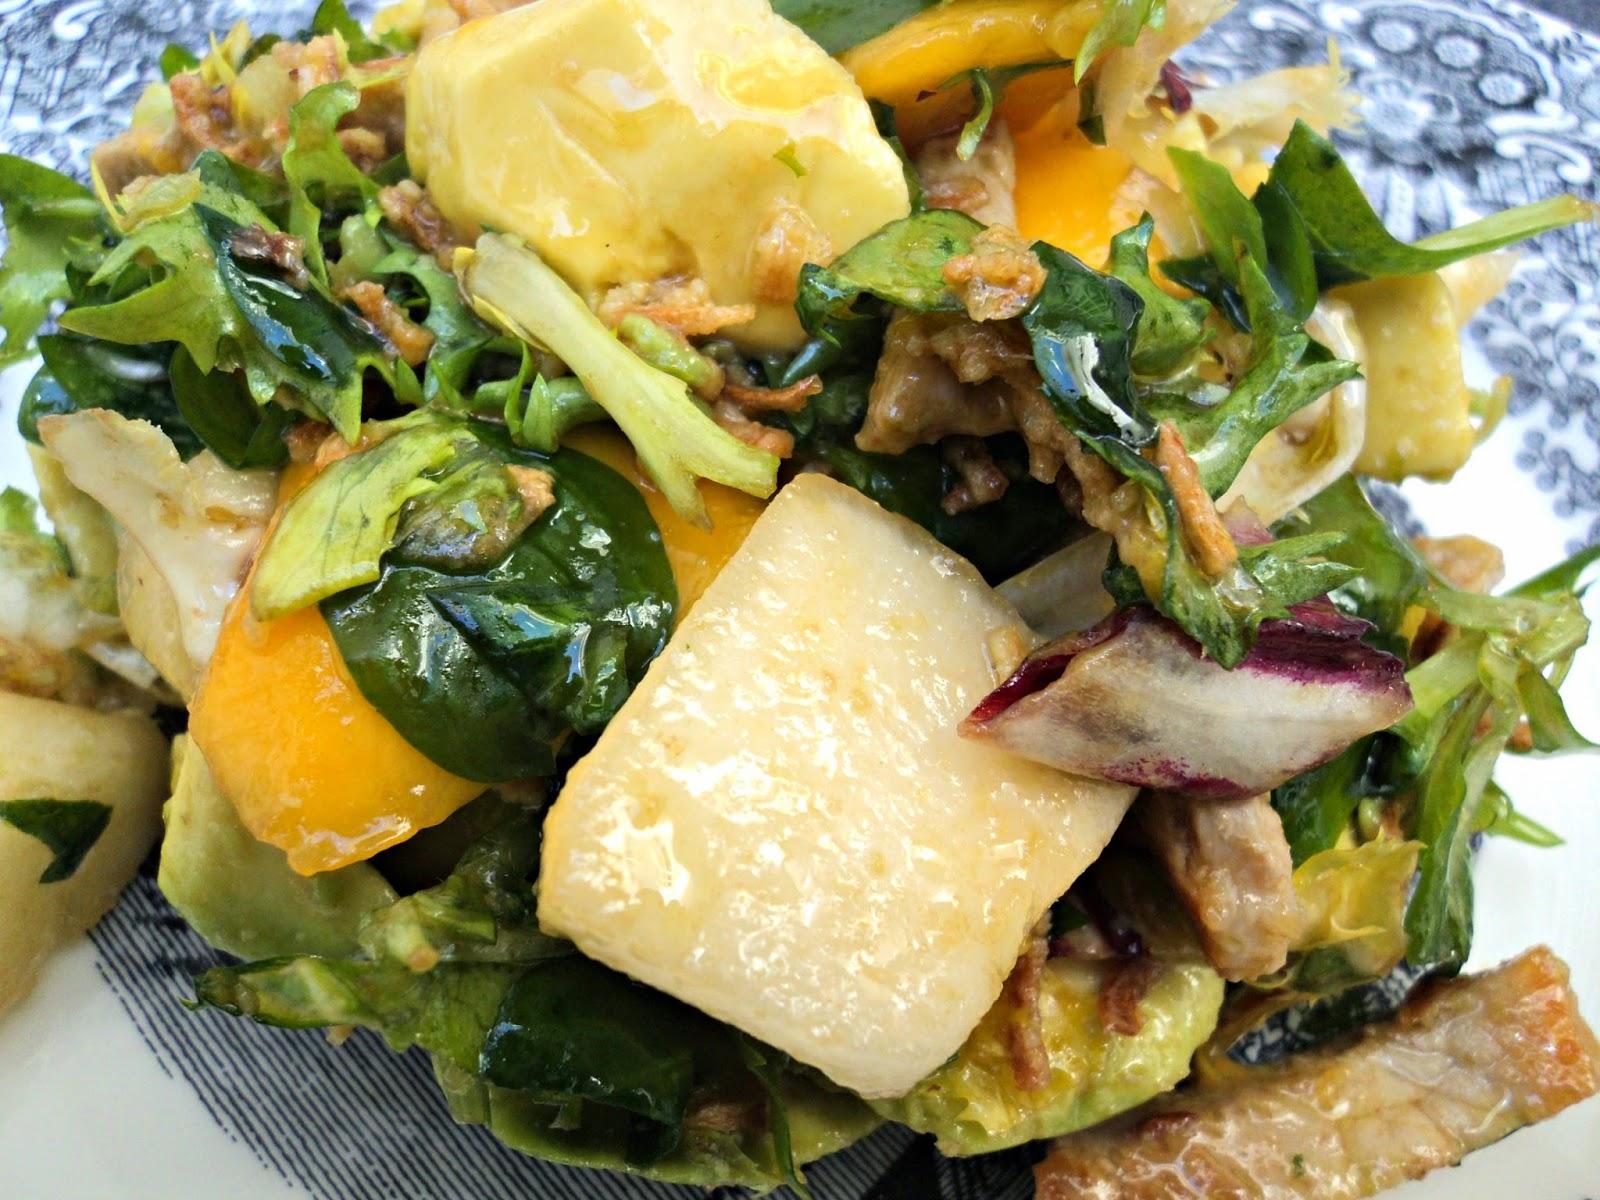 ensalada-templada-fruta-lomo-brotes